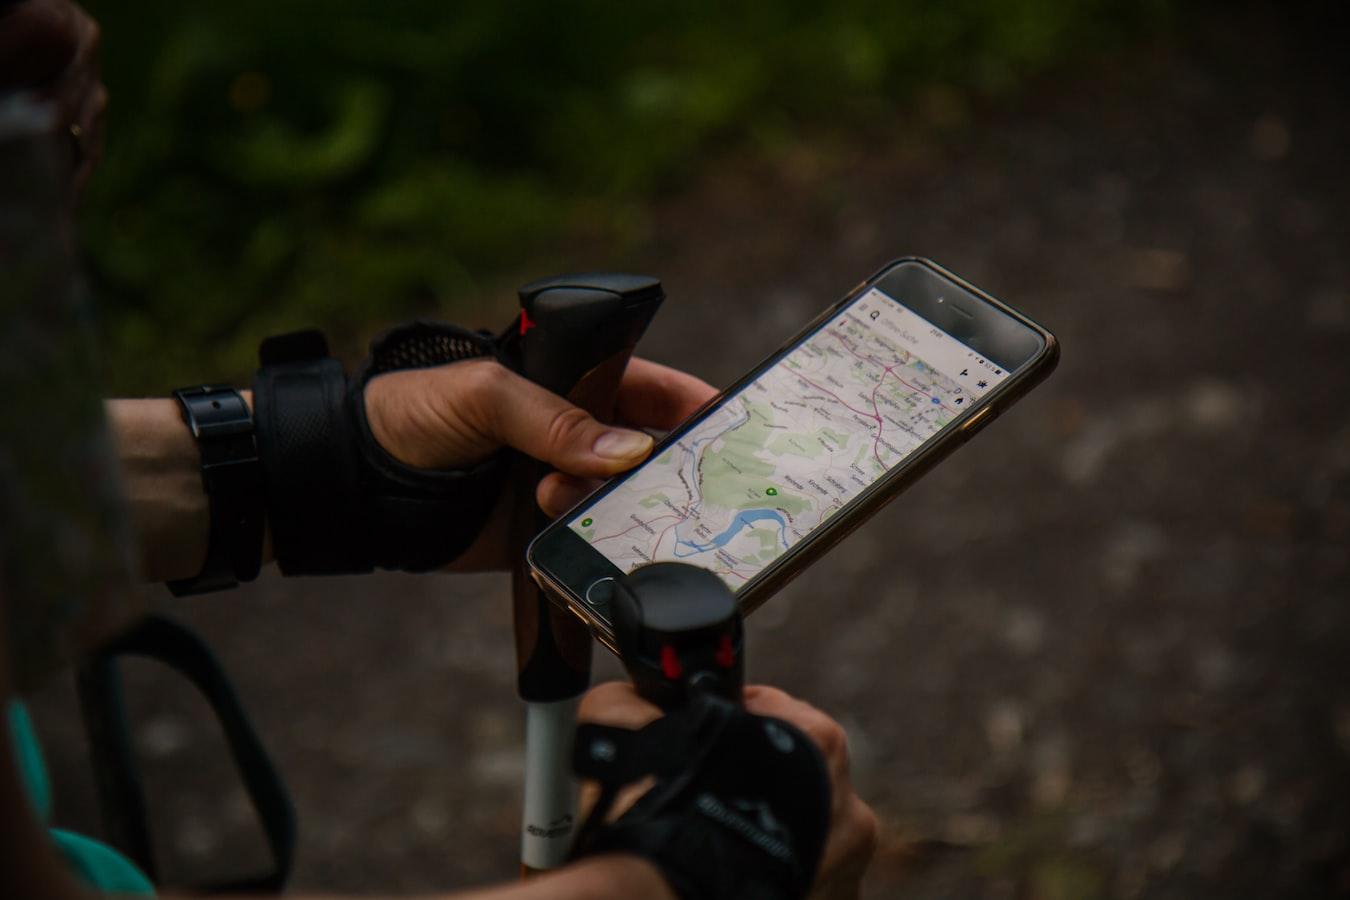 Aplicaciones esenciales para smartphone para preppers